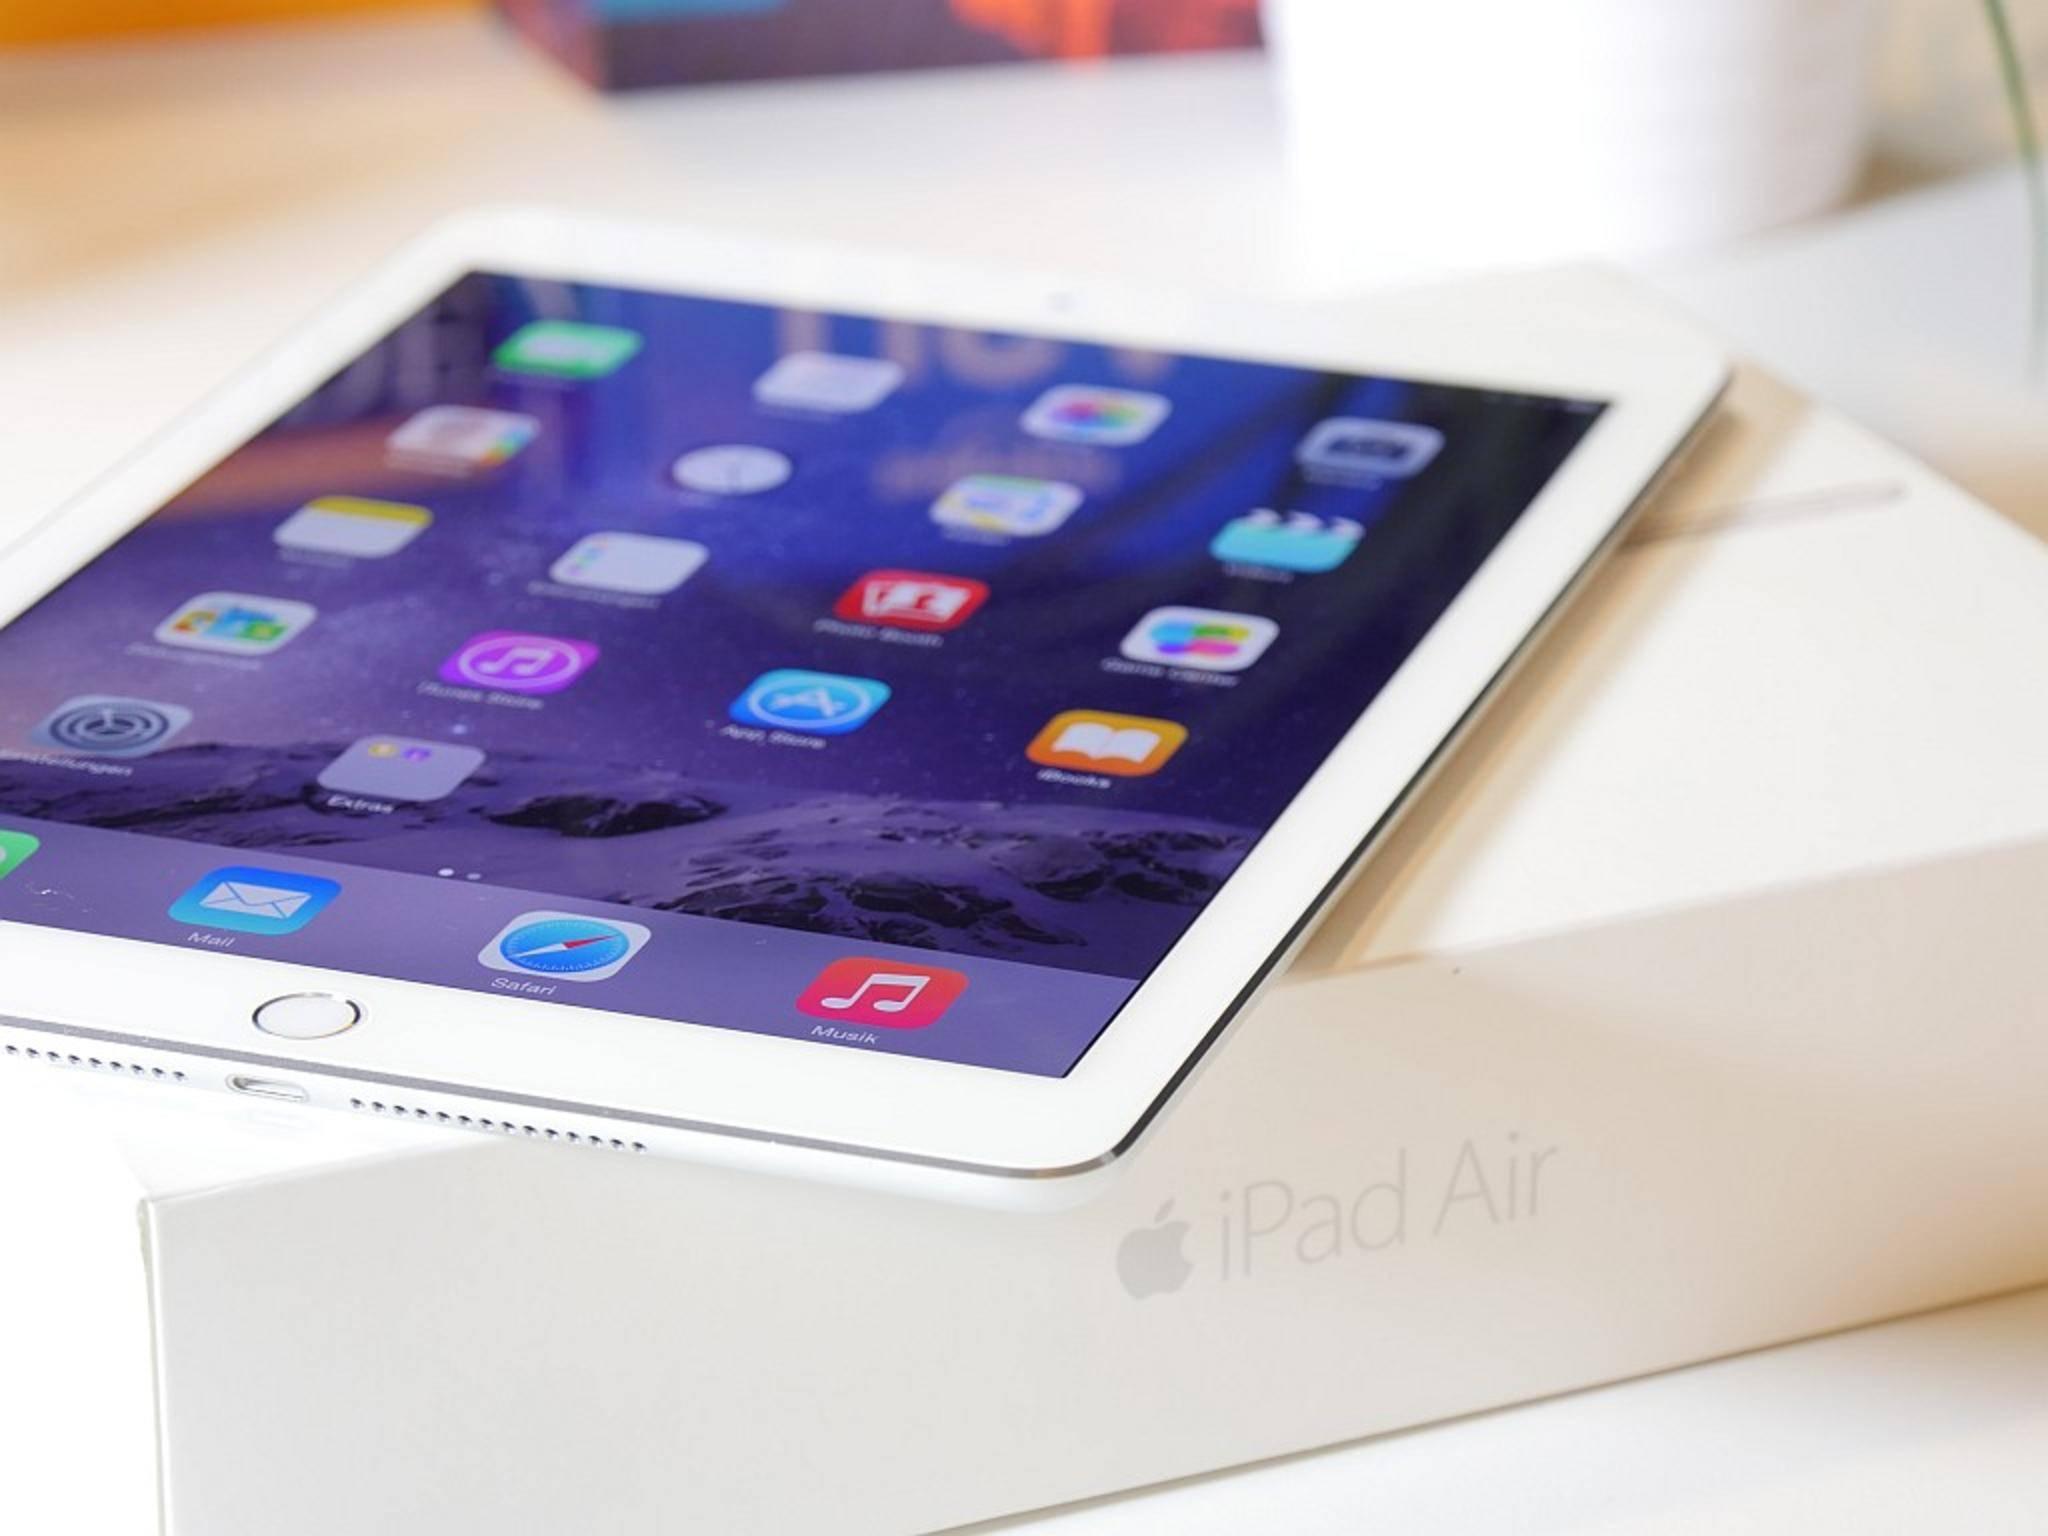 Das iPad Air 2 ist schon eineinhalb Jahre alt.